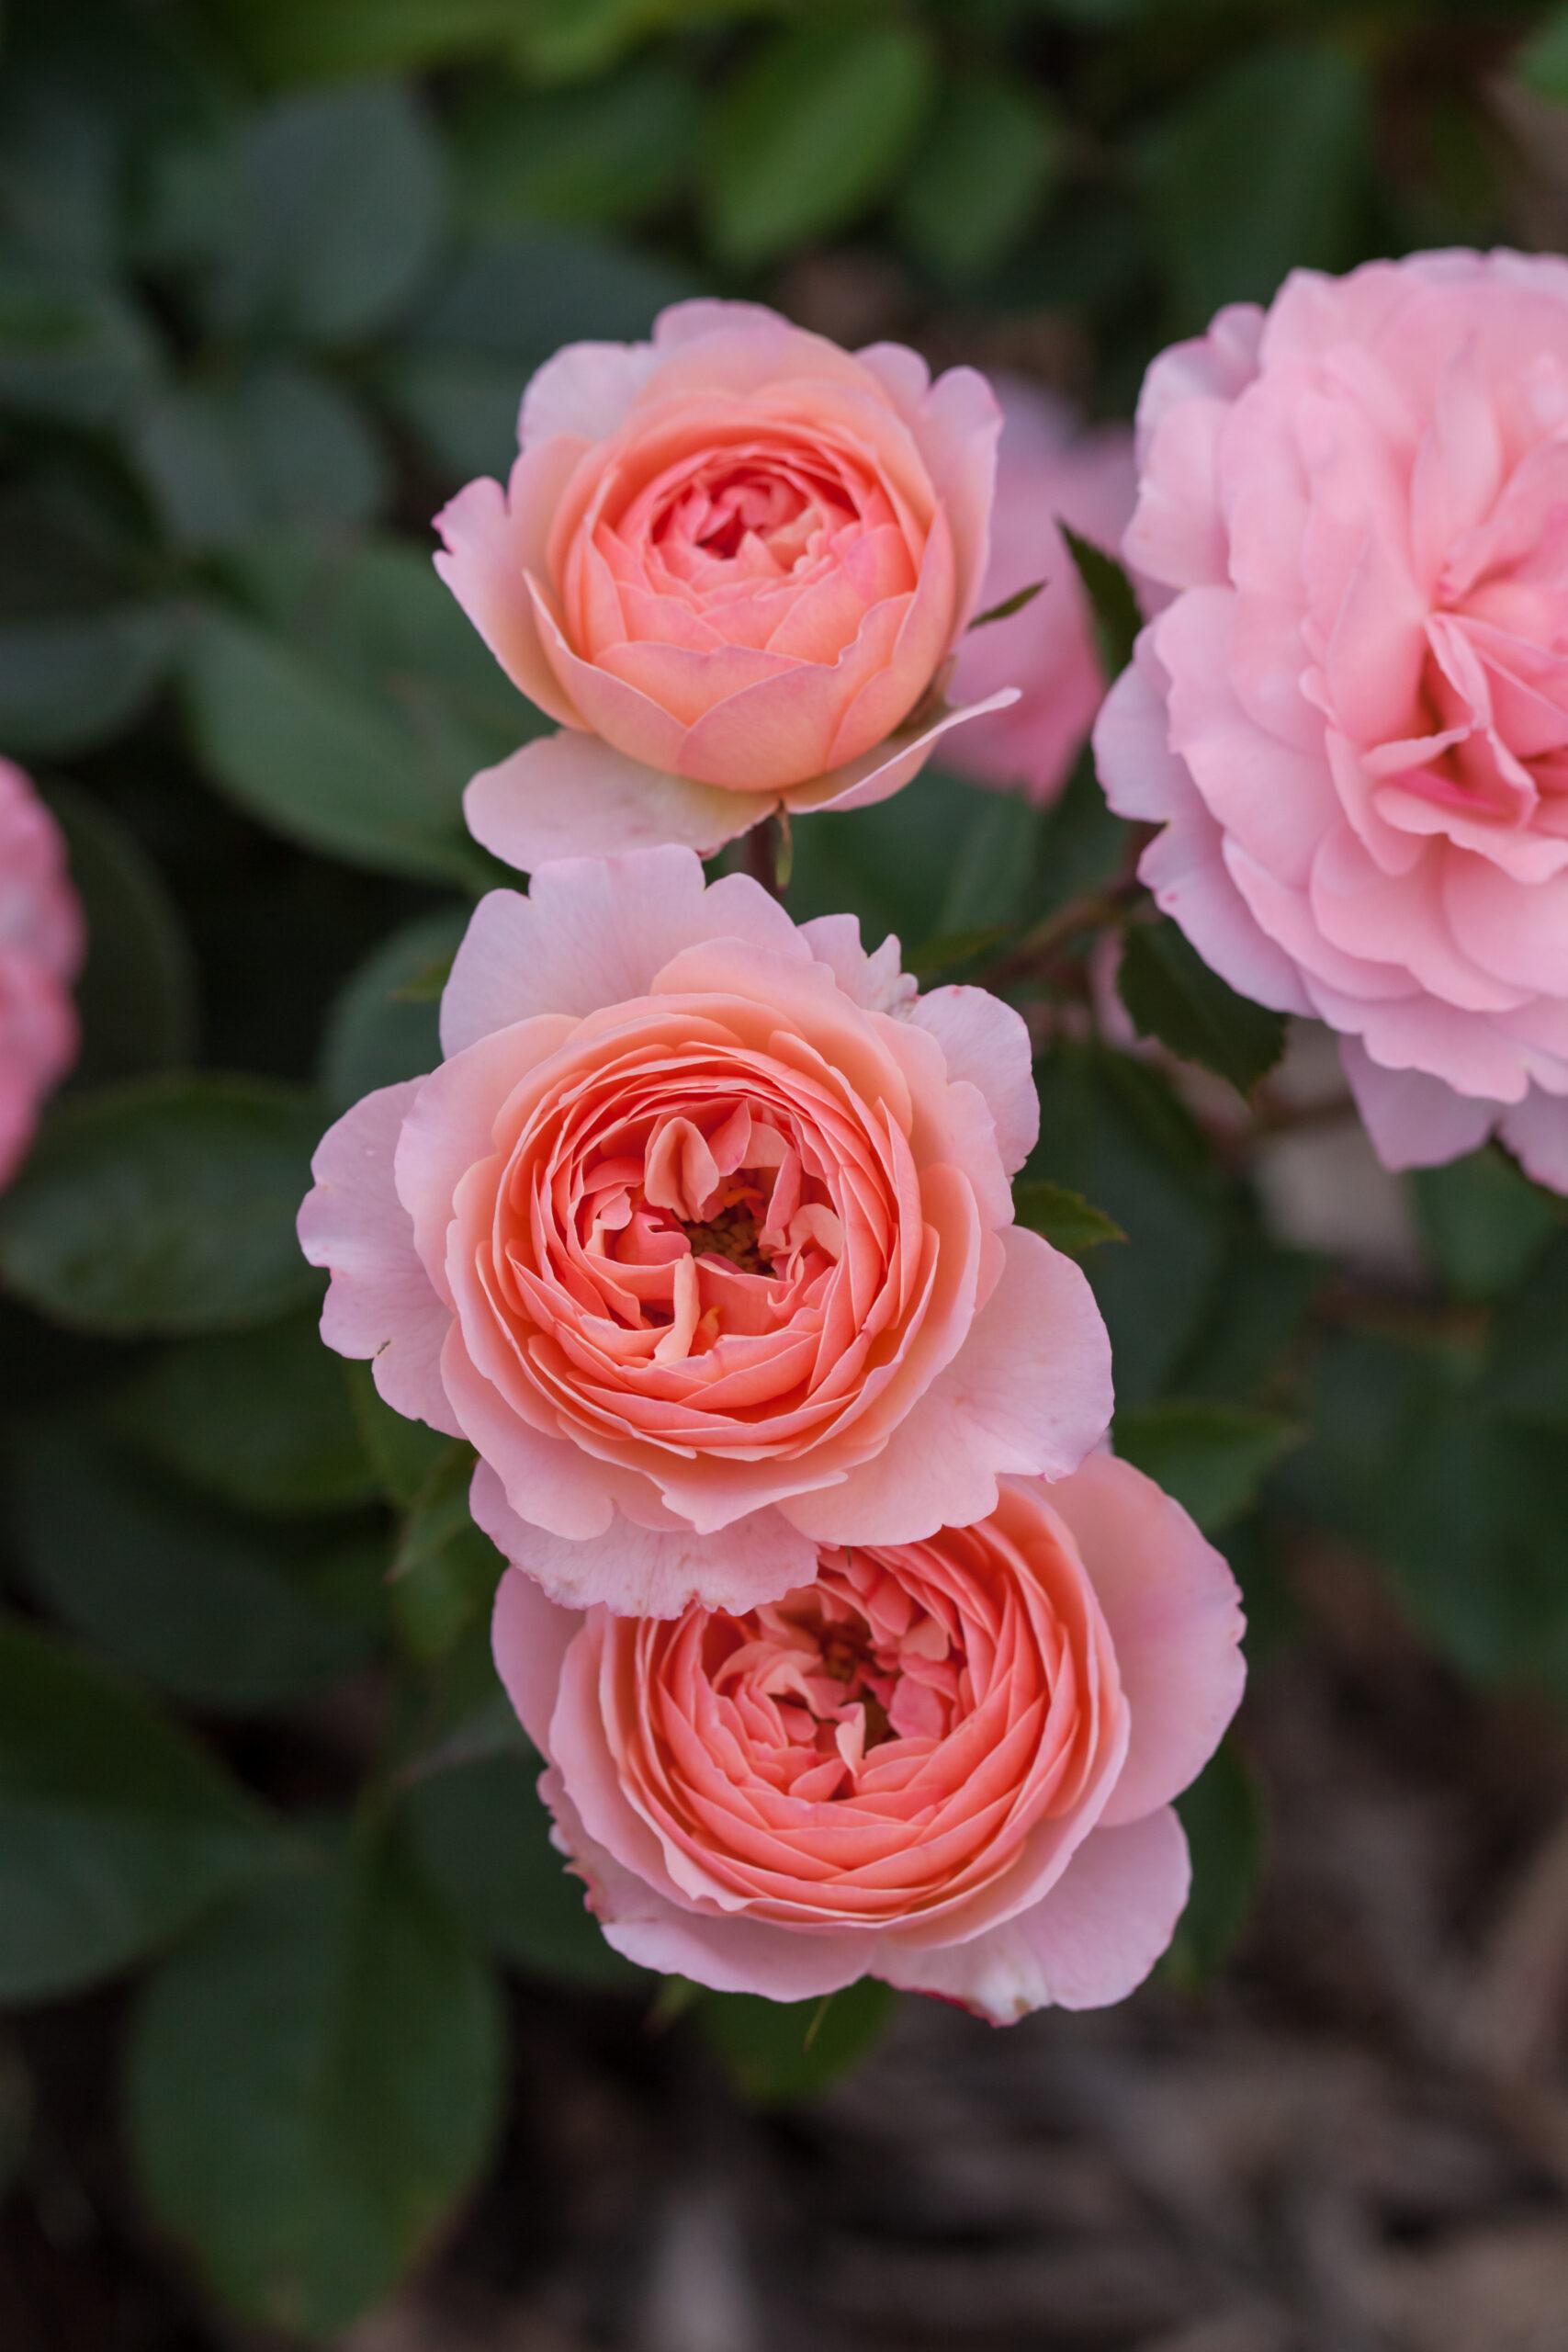 RosaEasyEleganceCalypsoapricotblend-02-5454-1-1